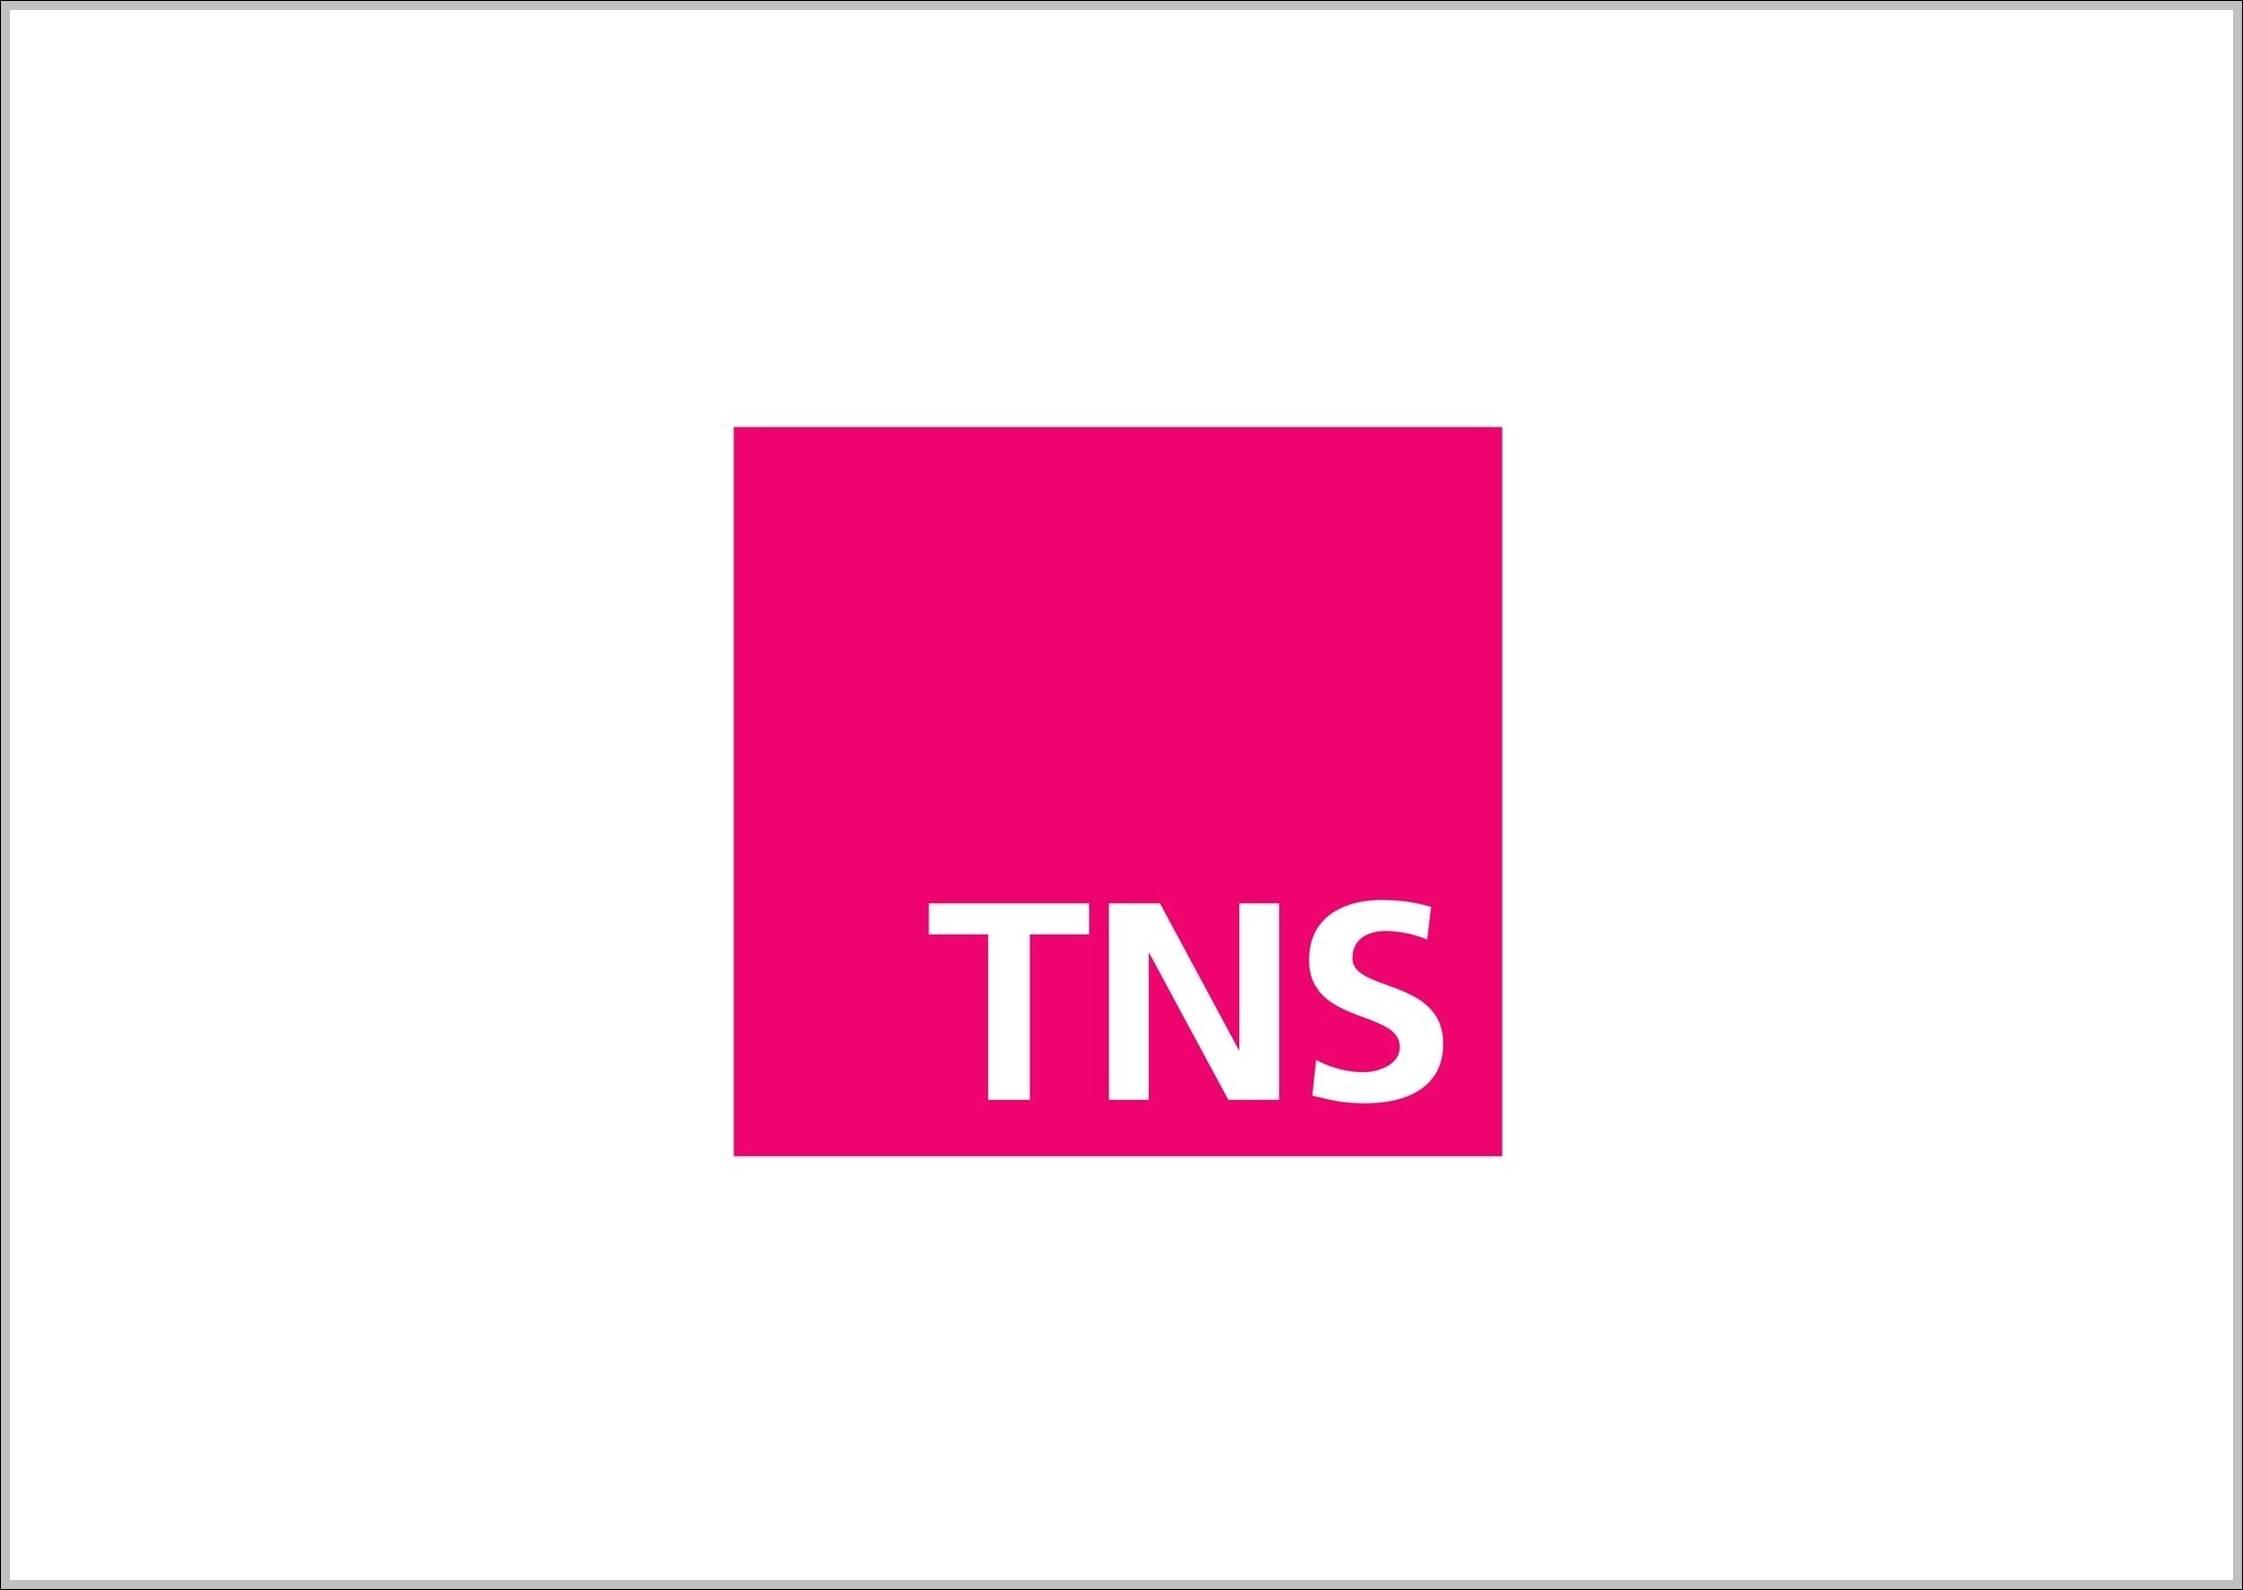 TNS logo 2012